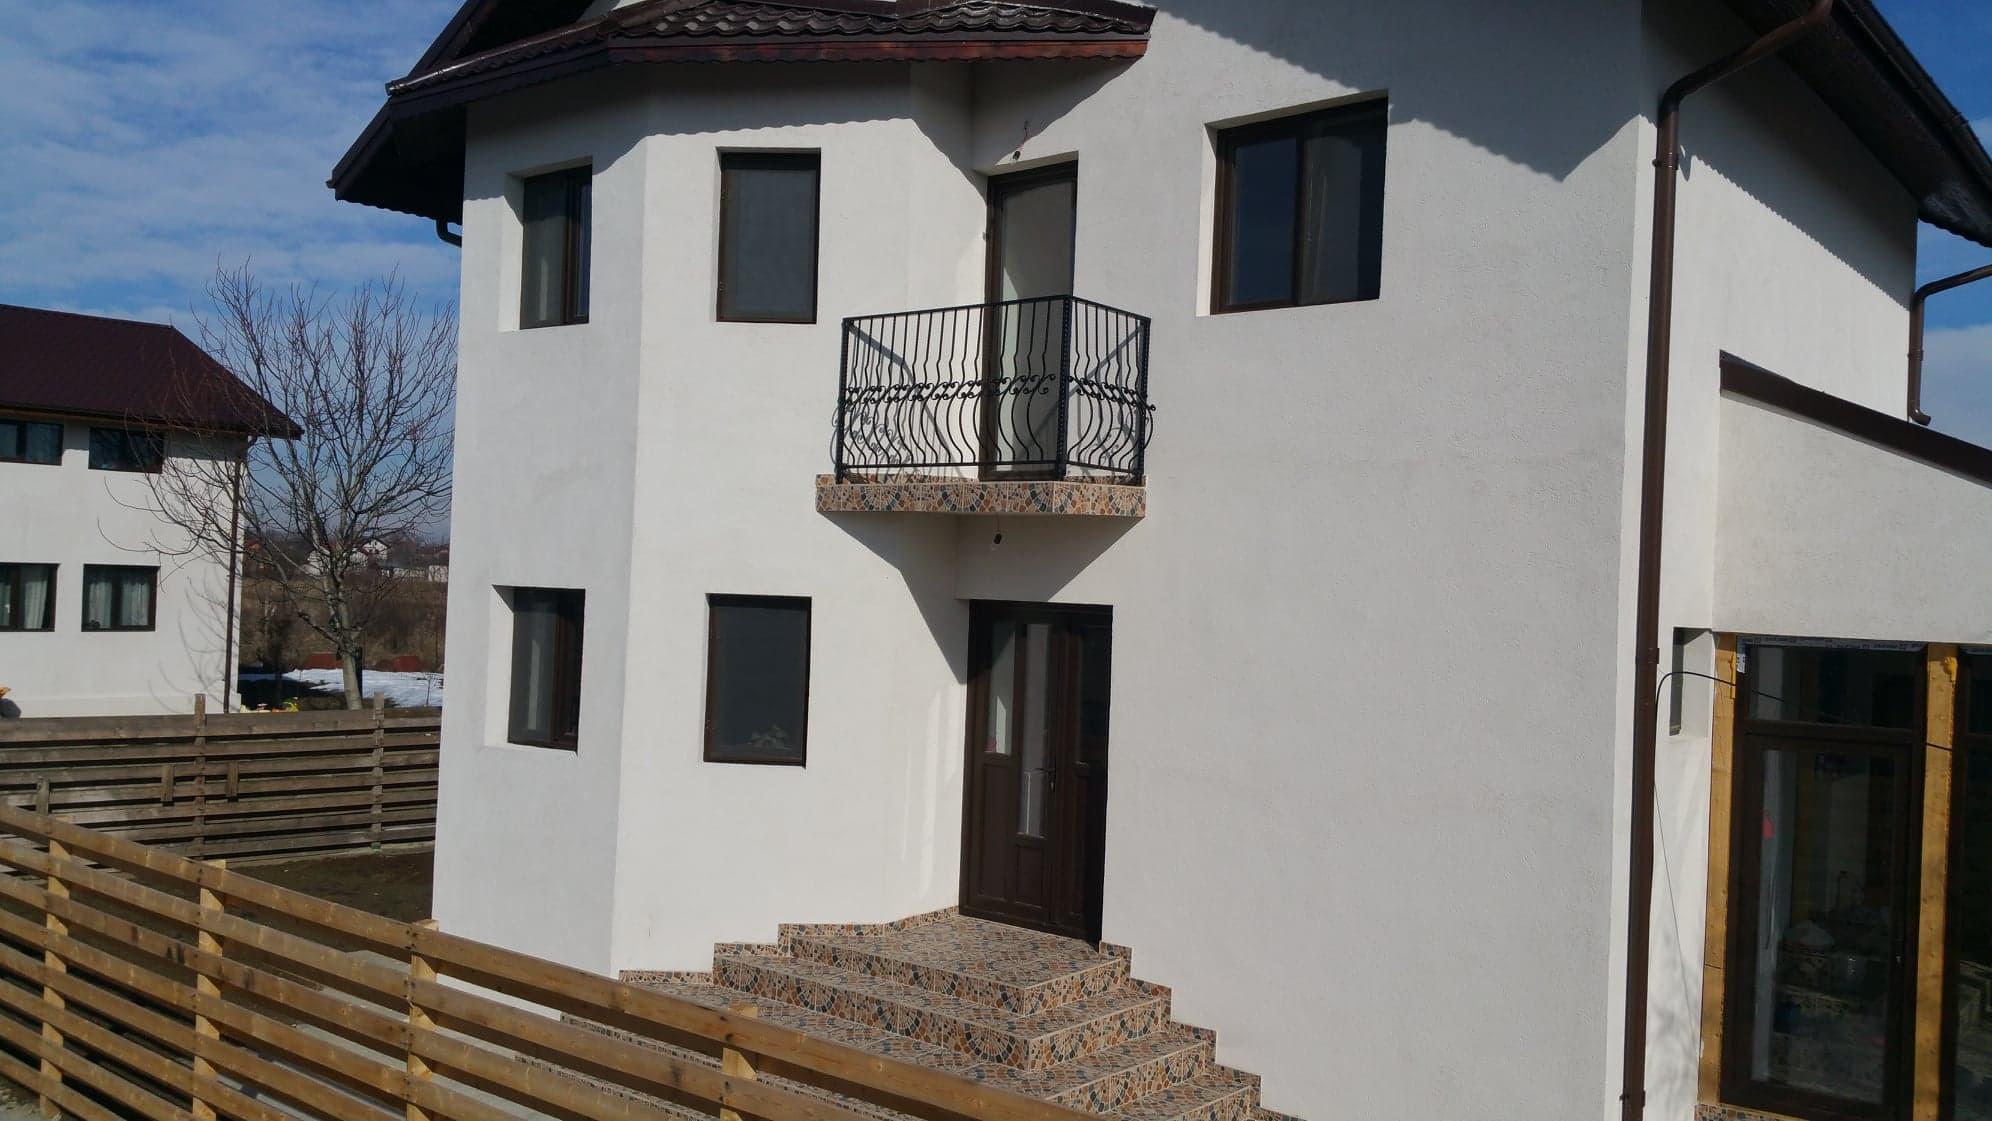 Casa de vanzare in comuna Bacu